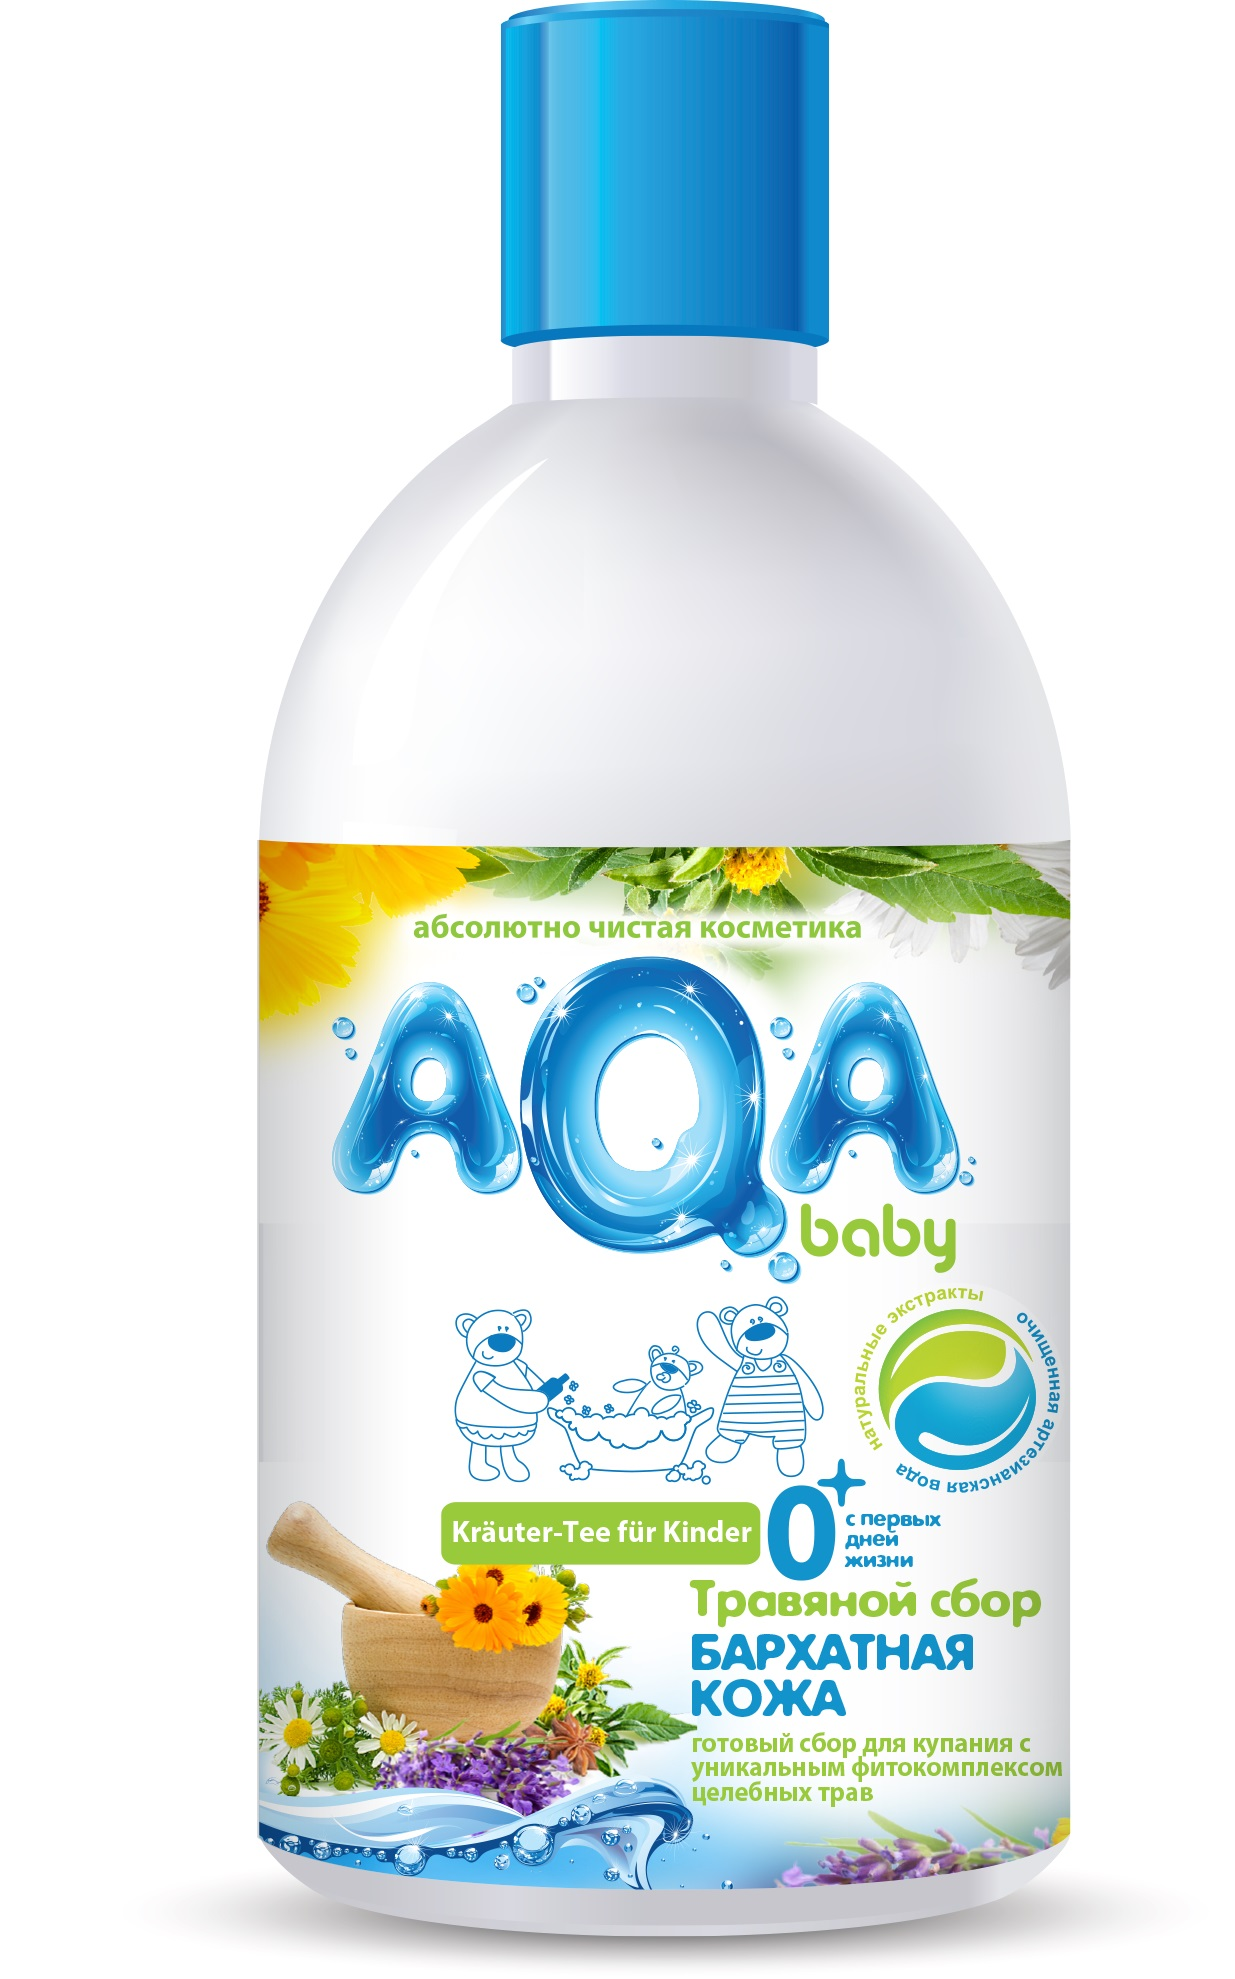 Травяной сбор AQA baby Бархатная кожа 300 мл гель aqa baby с дозатором 300 мл